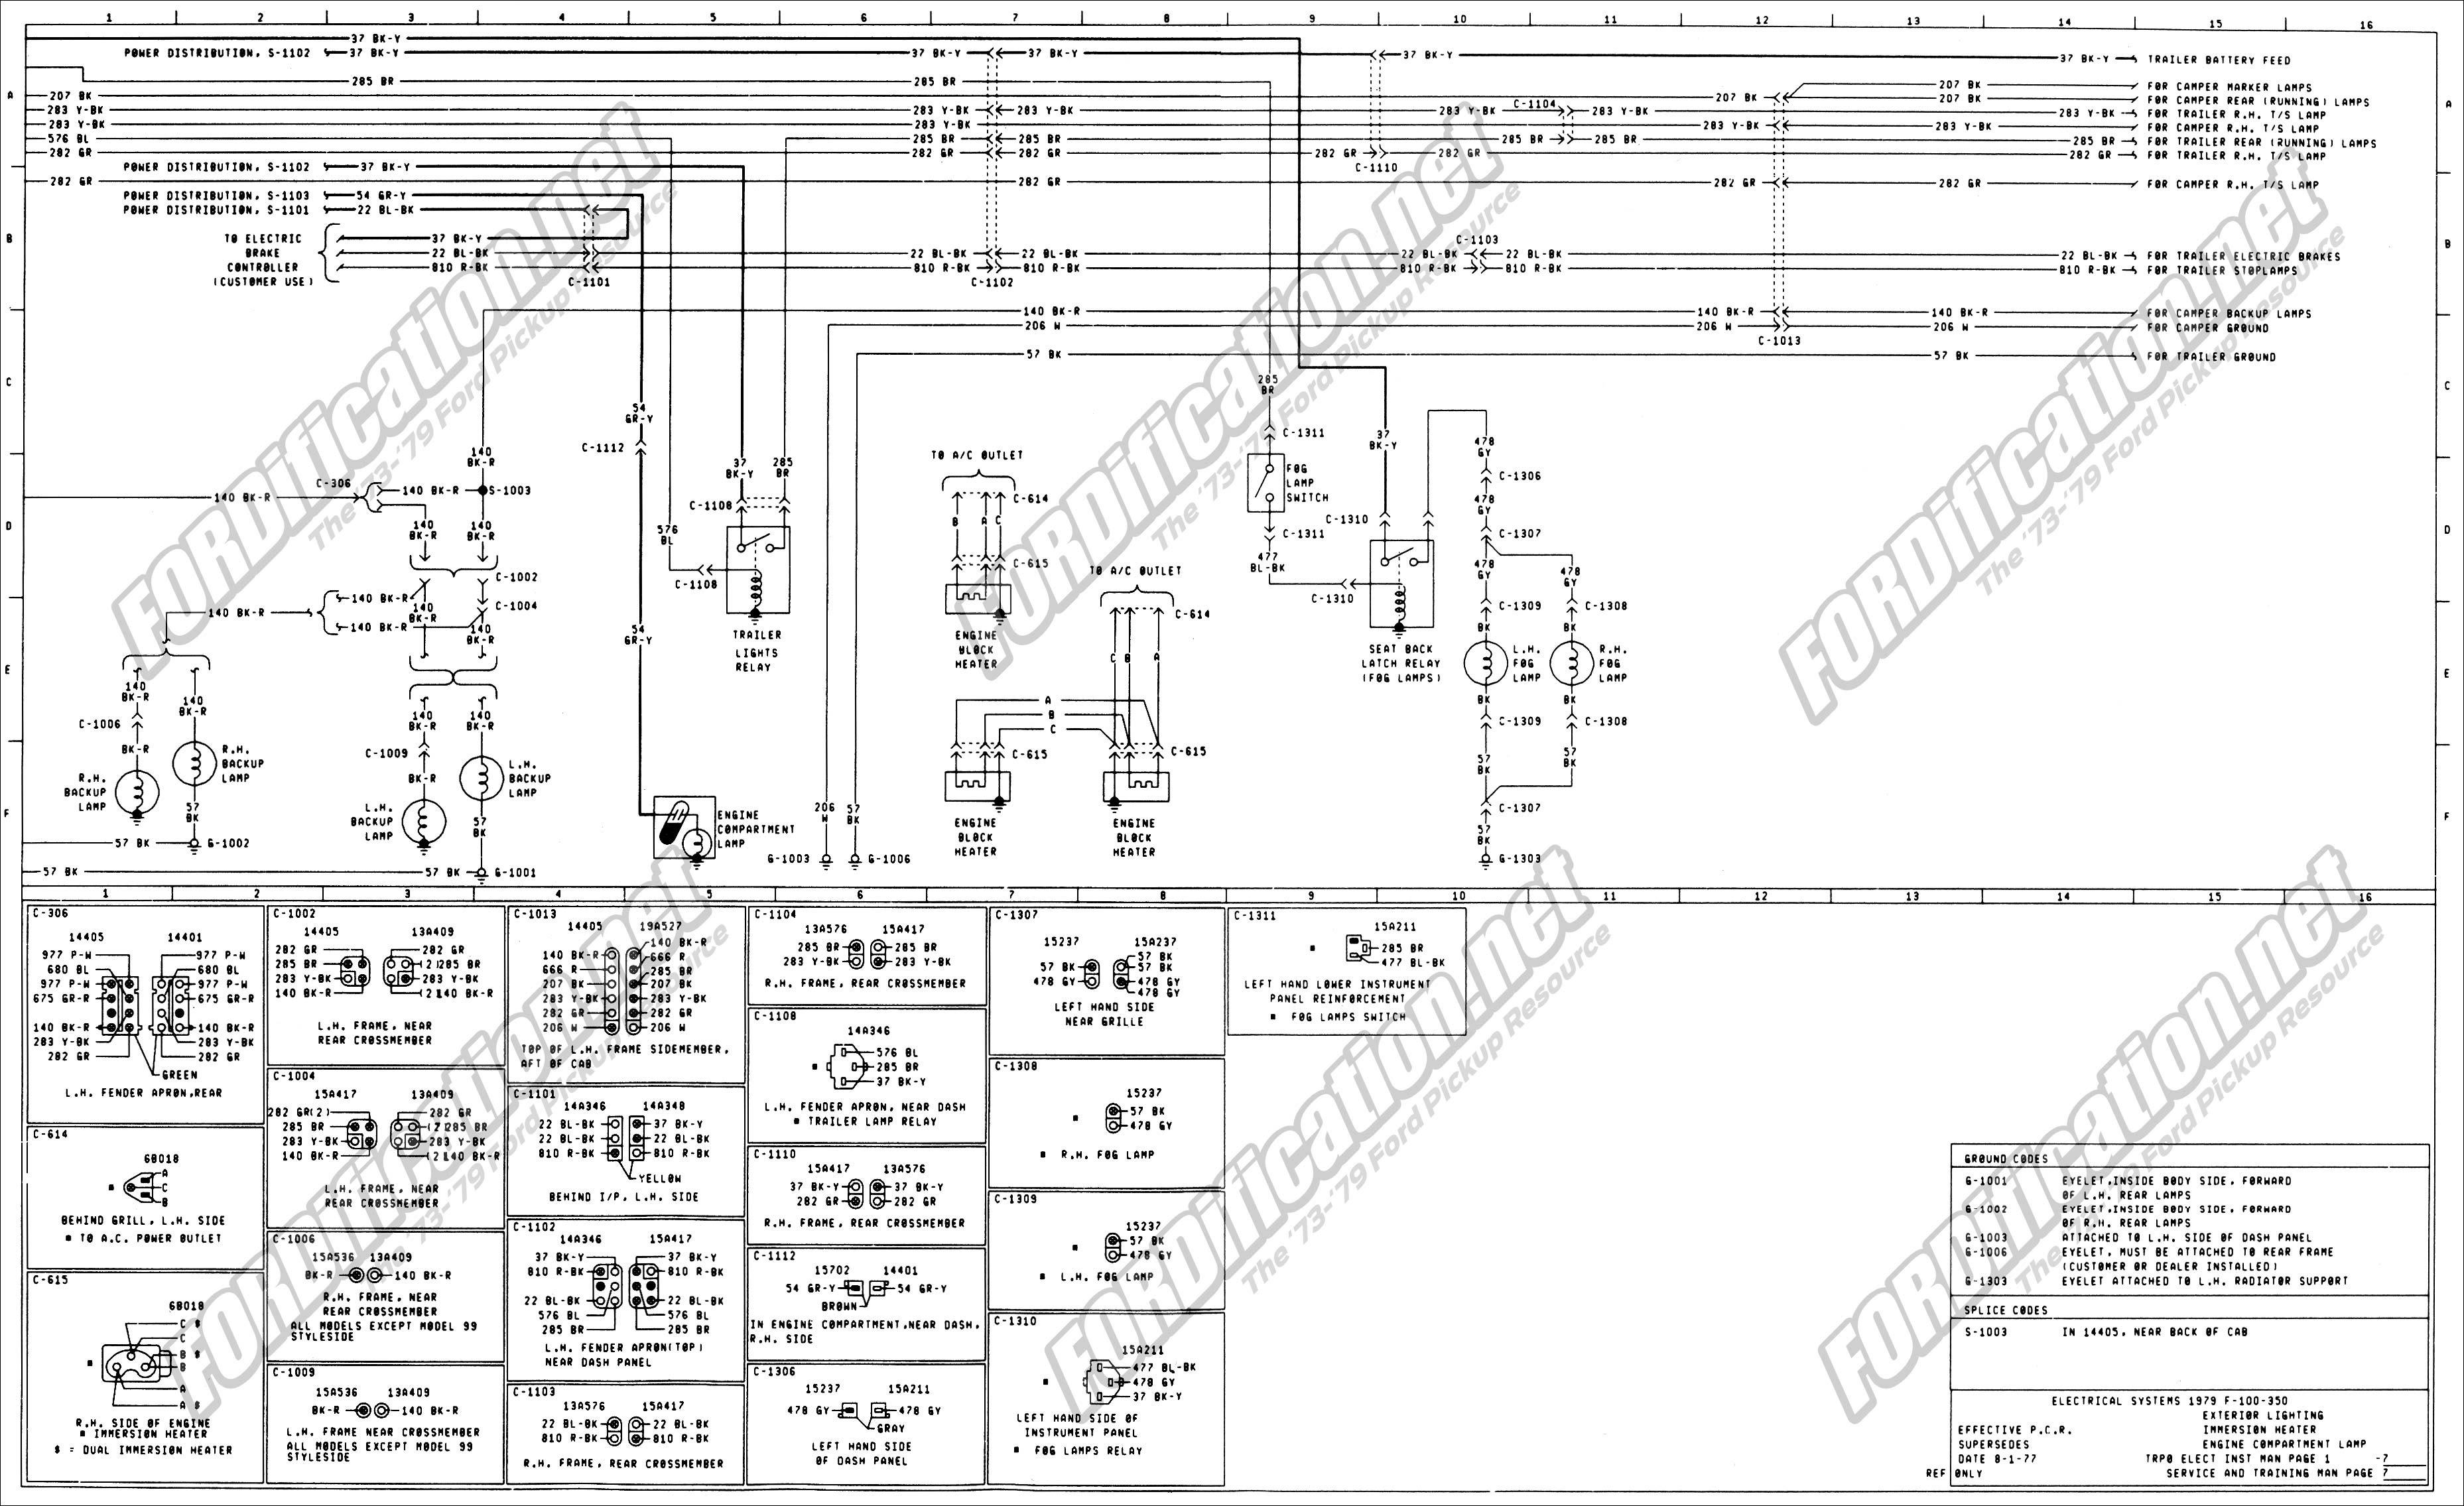 96 Ford F250 Radio Wiring Diagram - Wiring Diagram